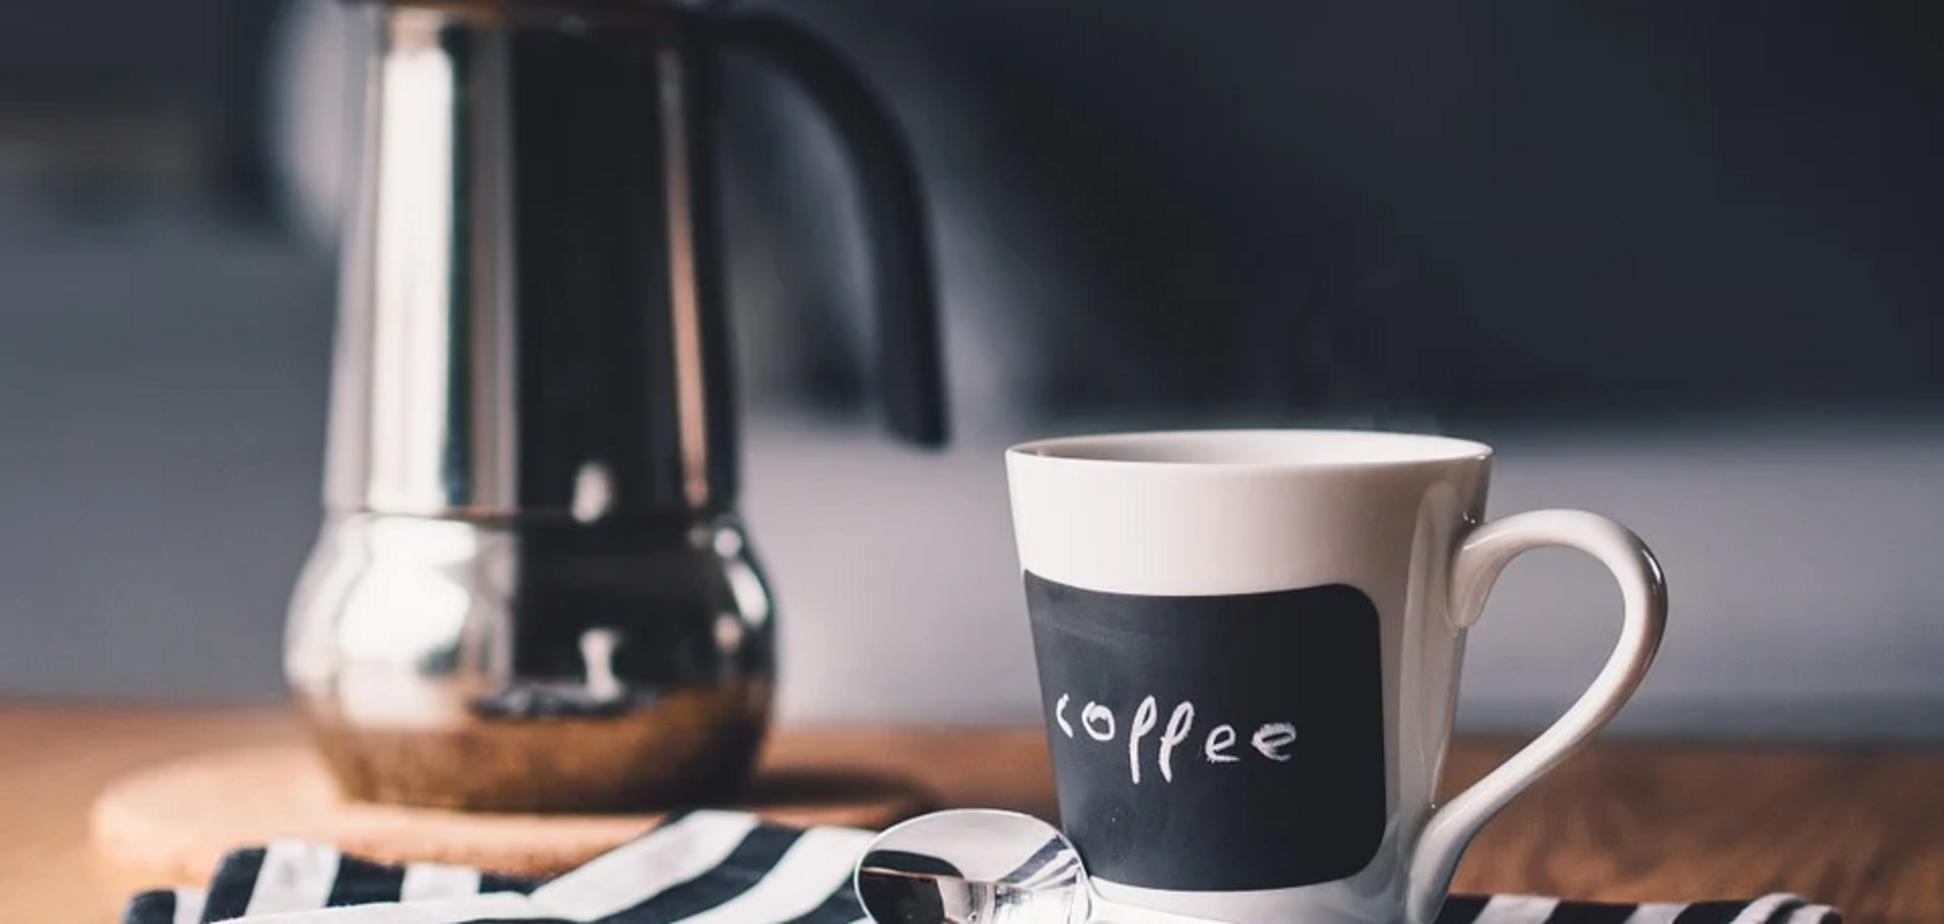 Кілька чашок кави в день можуть розбалансувати роботу щитовидної залози